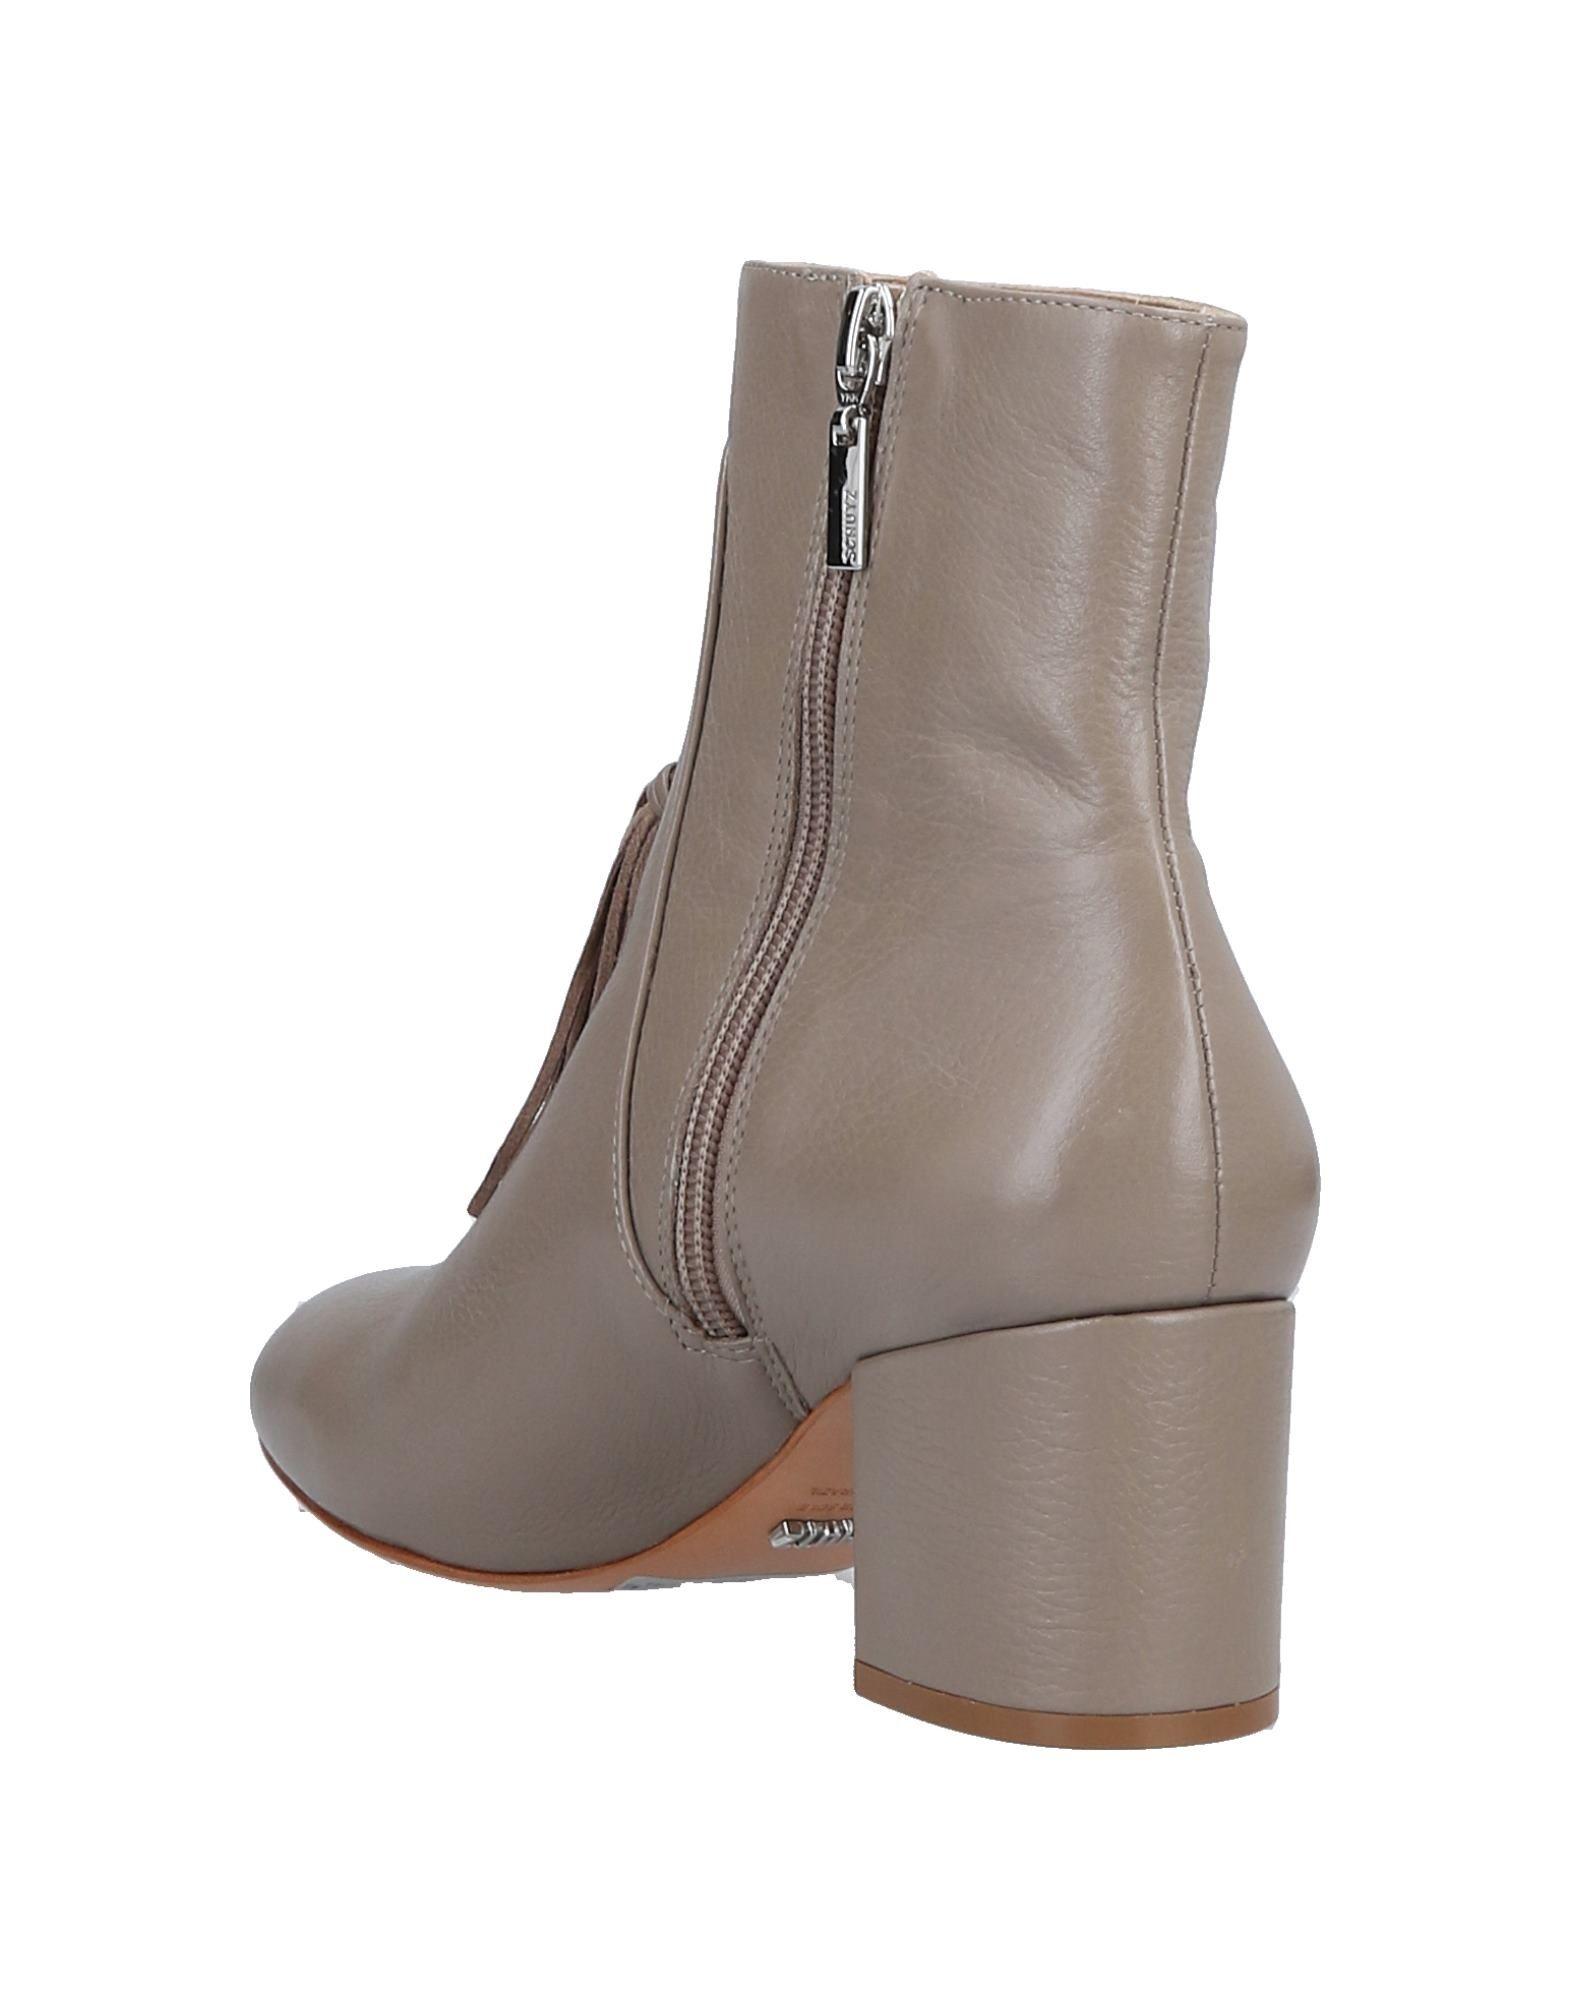 Stilvolle billige Schuhe Schuhe Schuhe Schutz Stiefelette Damen  11562613LR edbde0